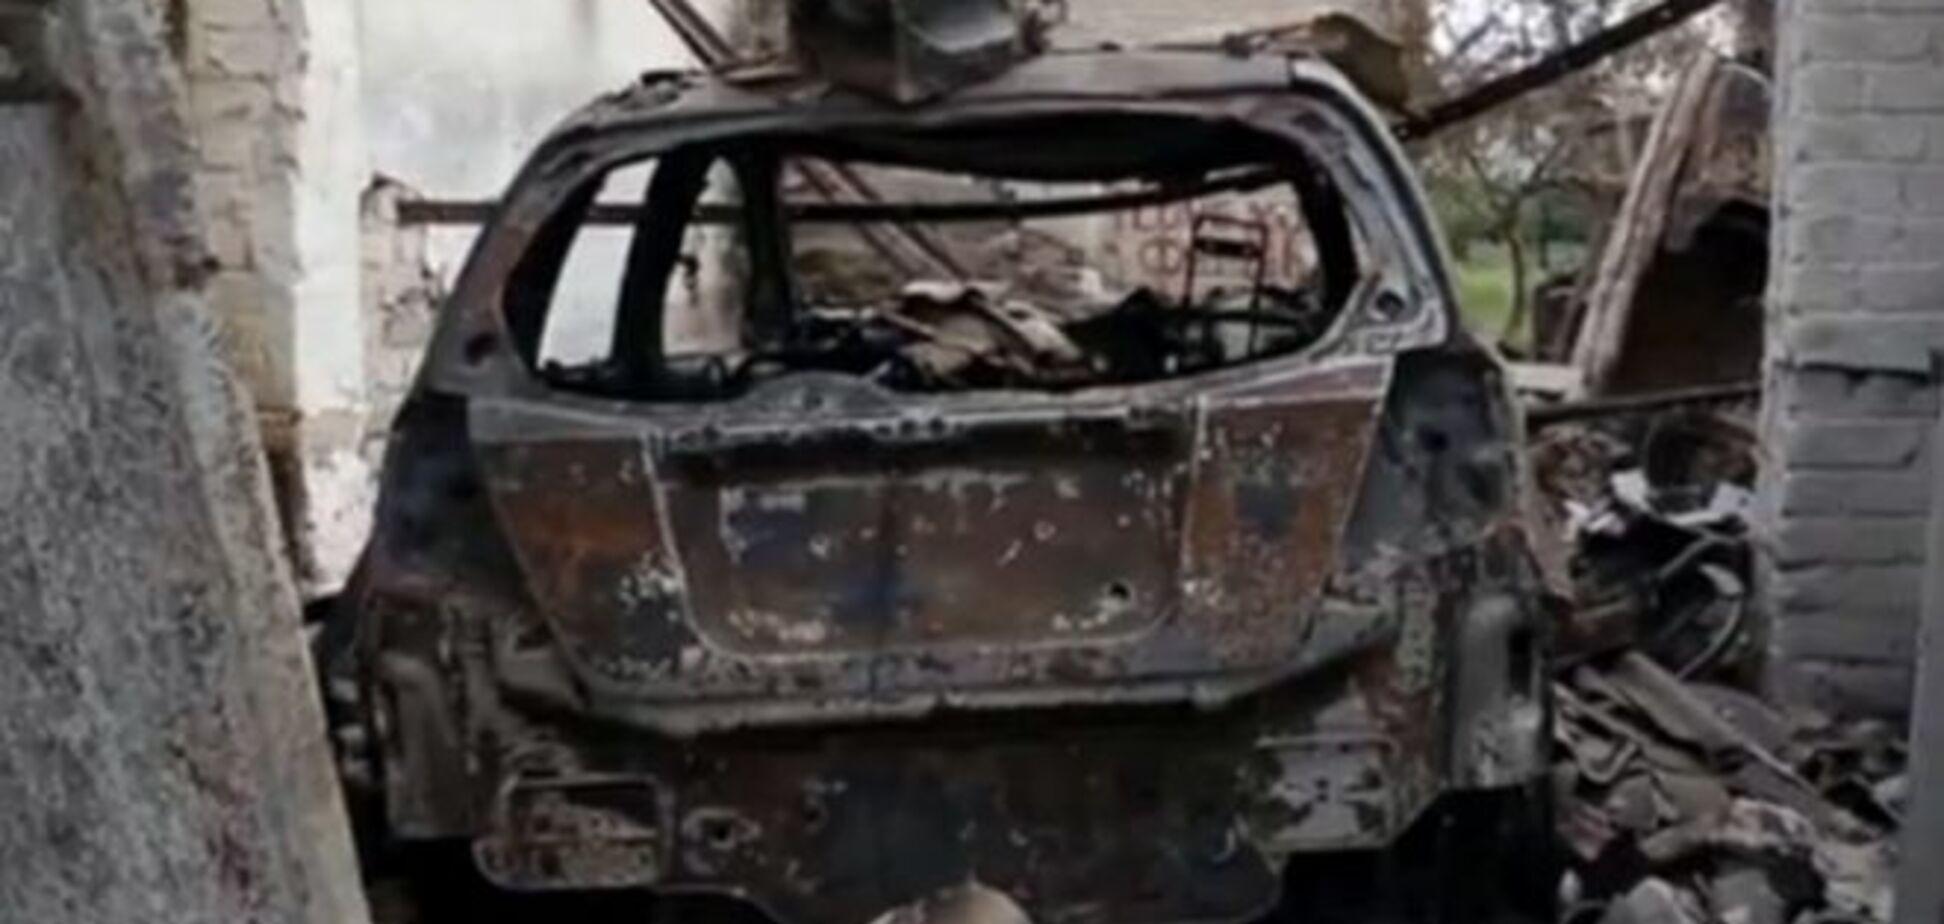 Чорні дні Донбасу. Складено ТОП-5 найстрашніших подій війни: відео факти